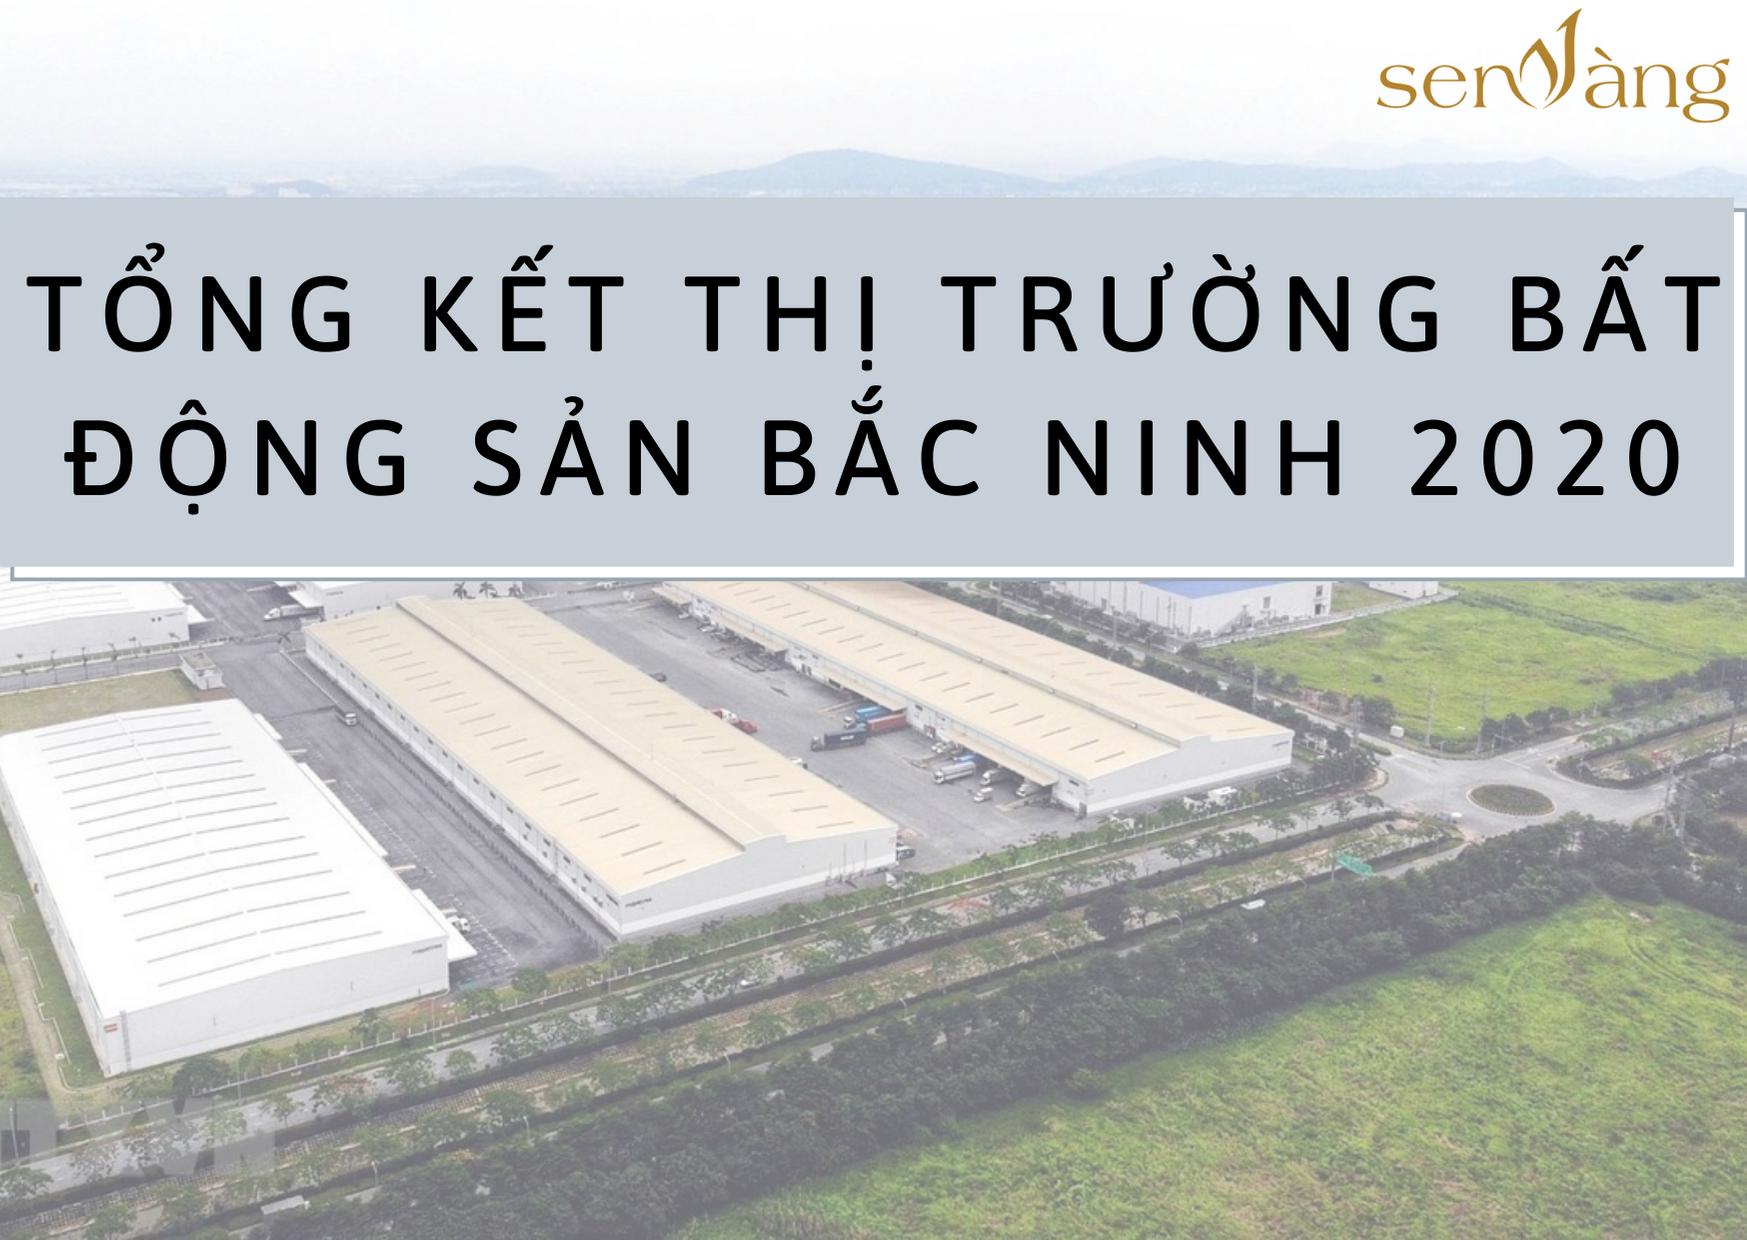 Tổng kết thị trường Bất động sản Bắc Ninh năm 2020